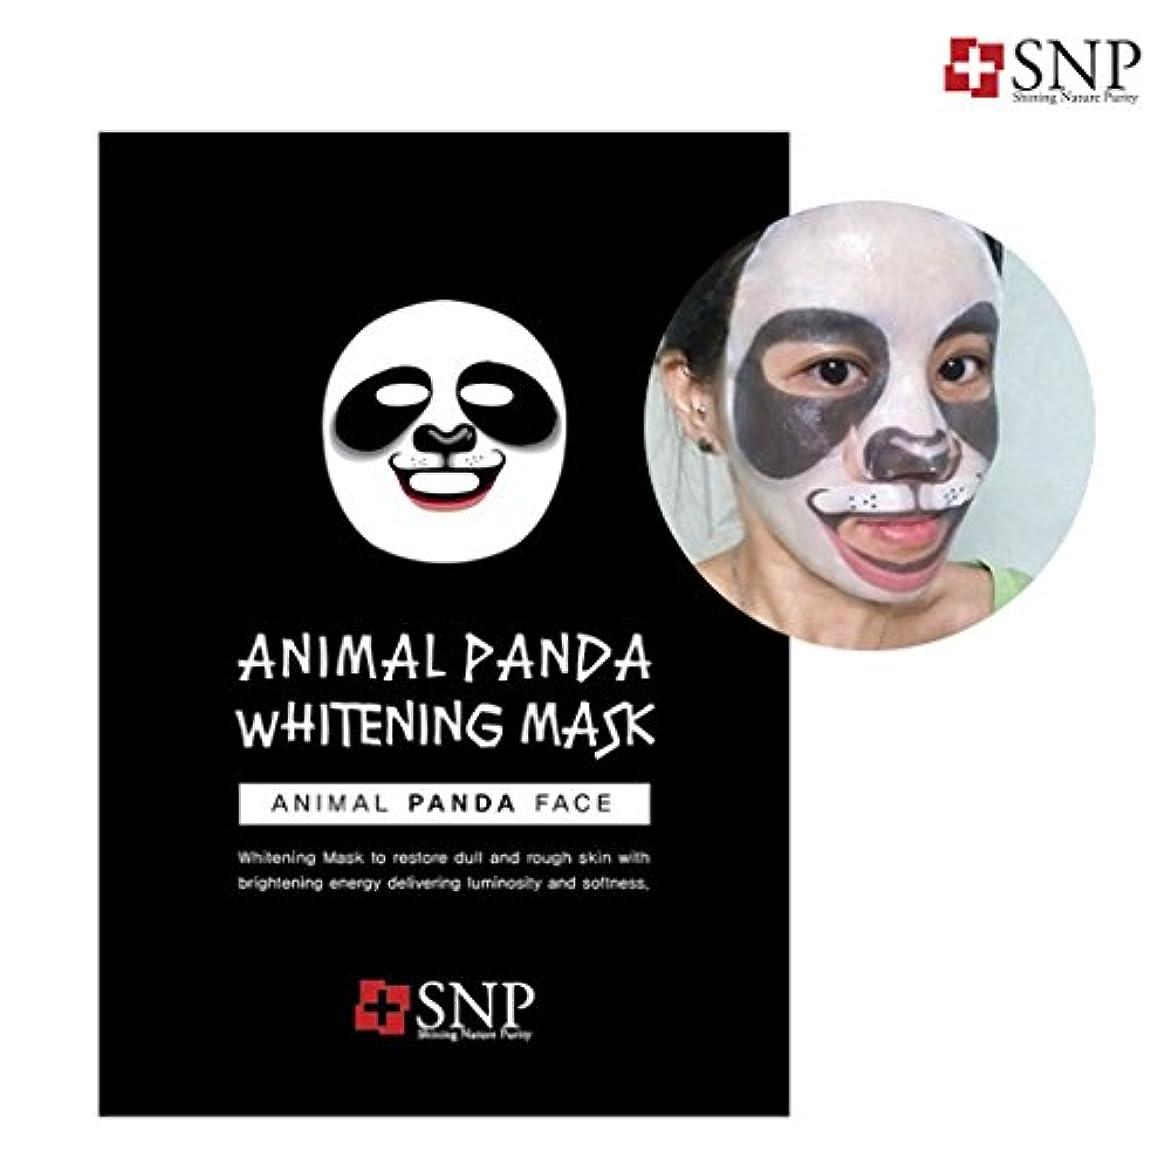 エンターテインメント謙虚即席SNP アニマル パンダーホワイトニング マスク 10枚 / animal fanda whitening wrinkle mask 10ea[海外直送品]